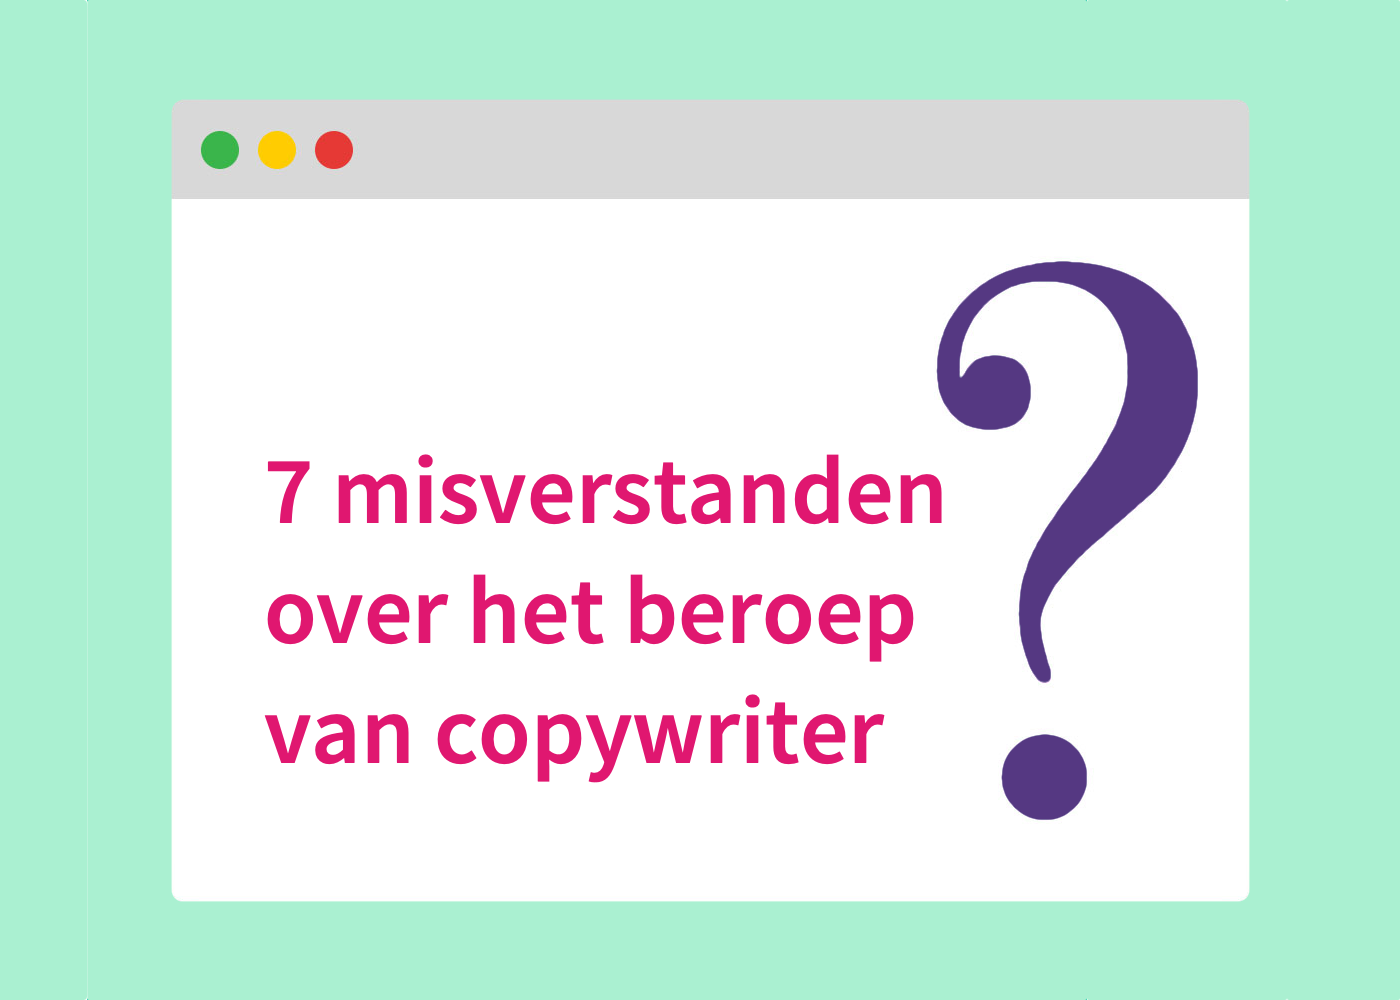 Misverstanden beroep copywriter